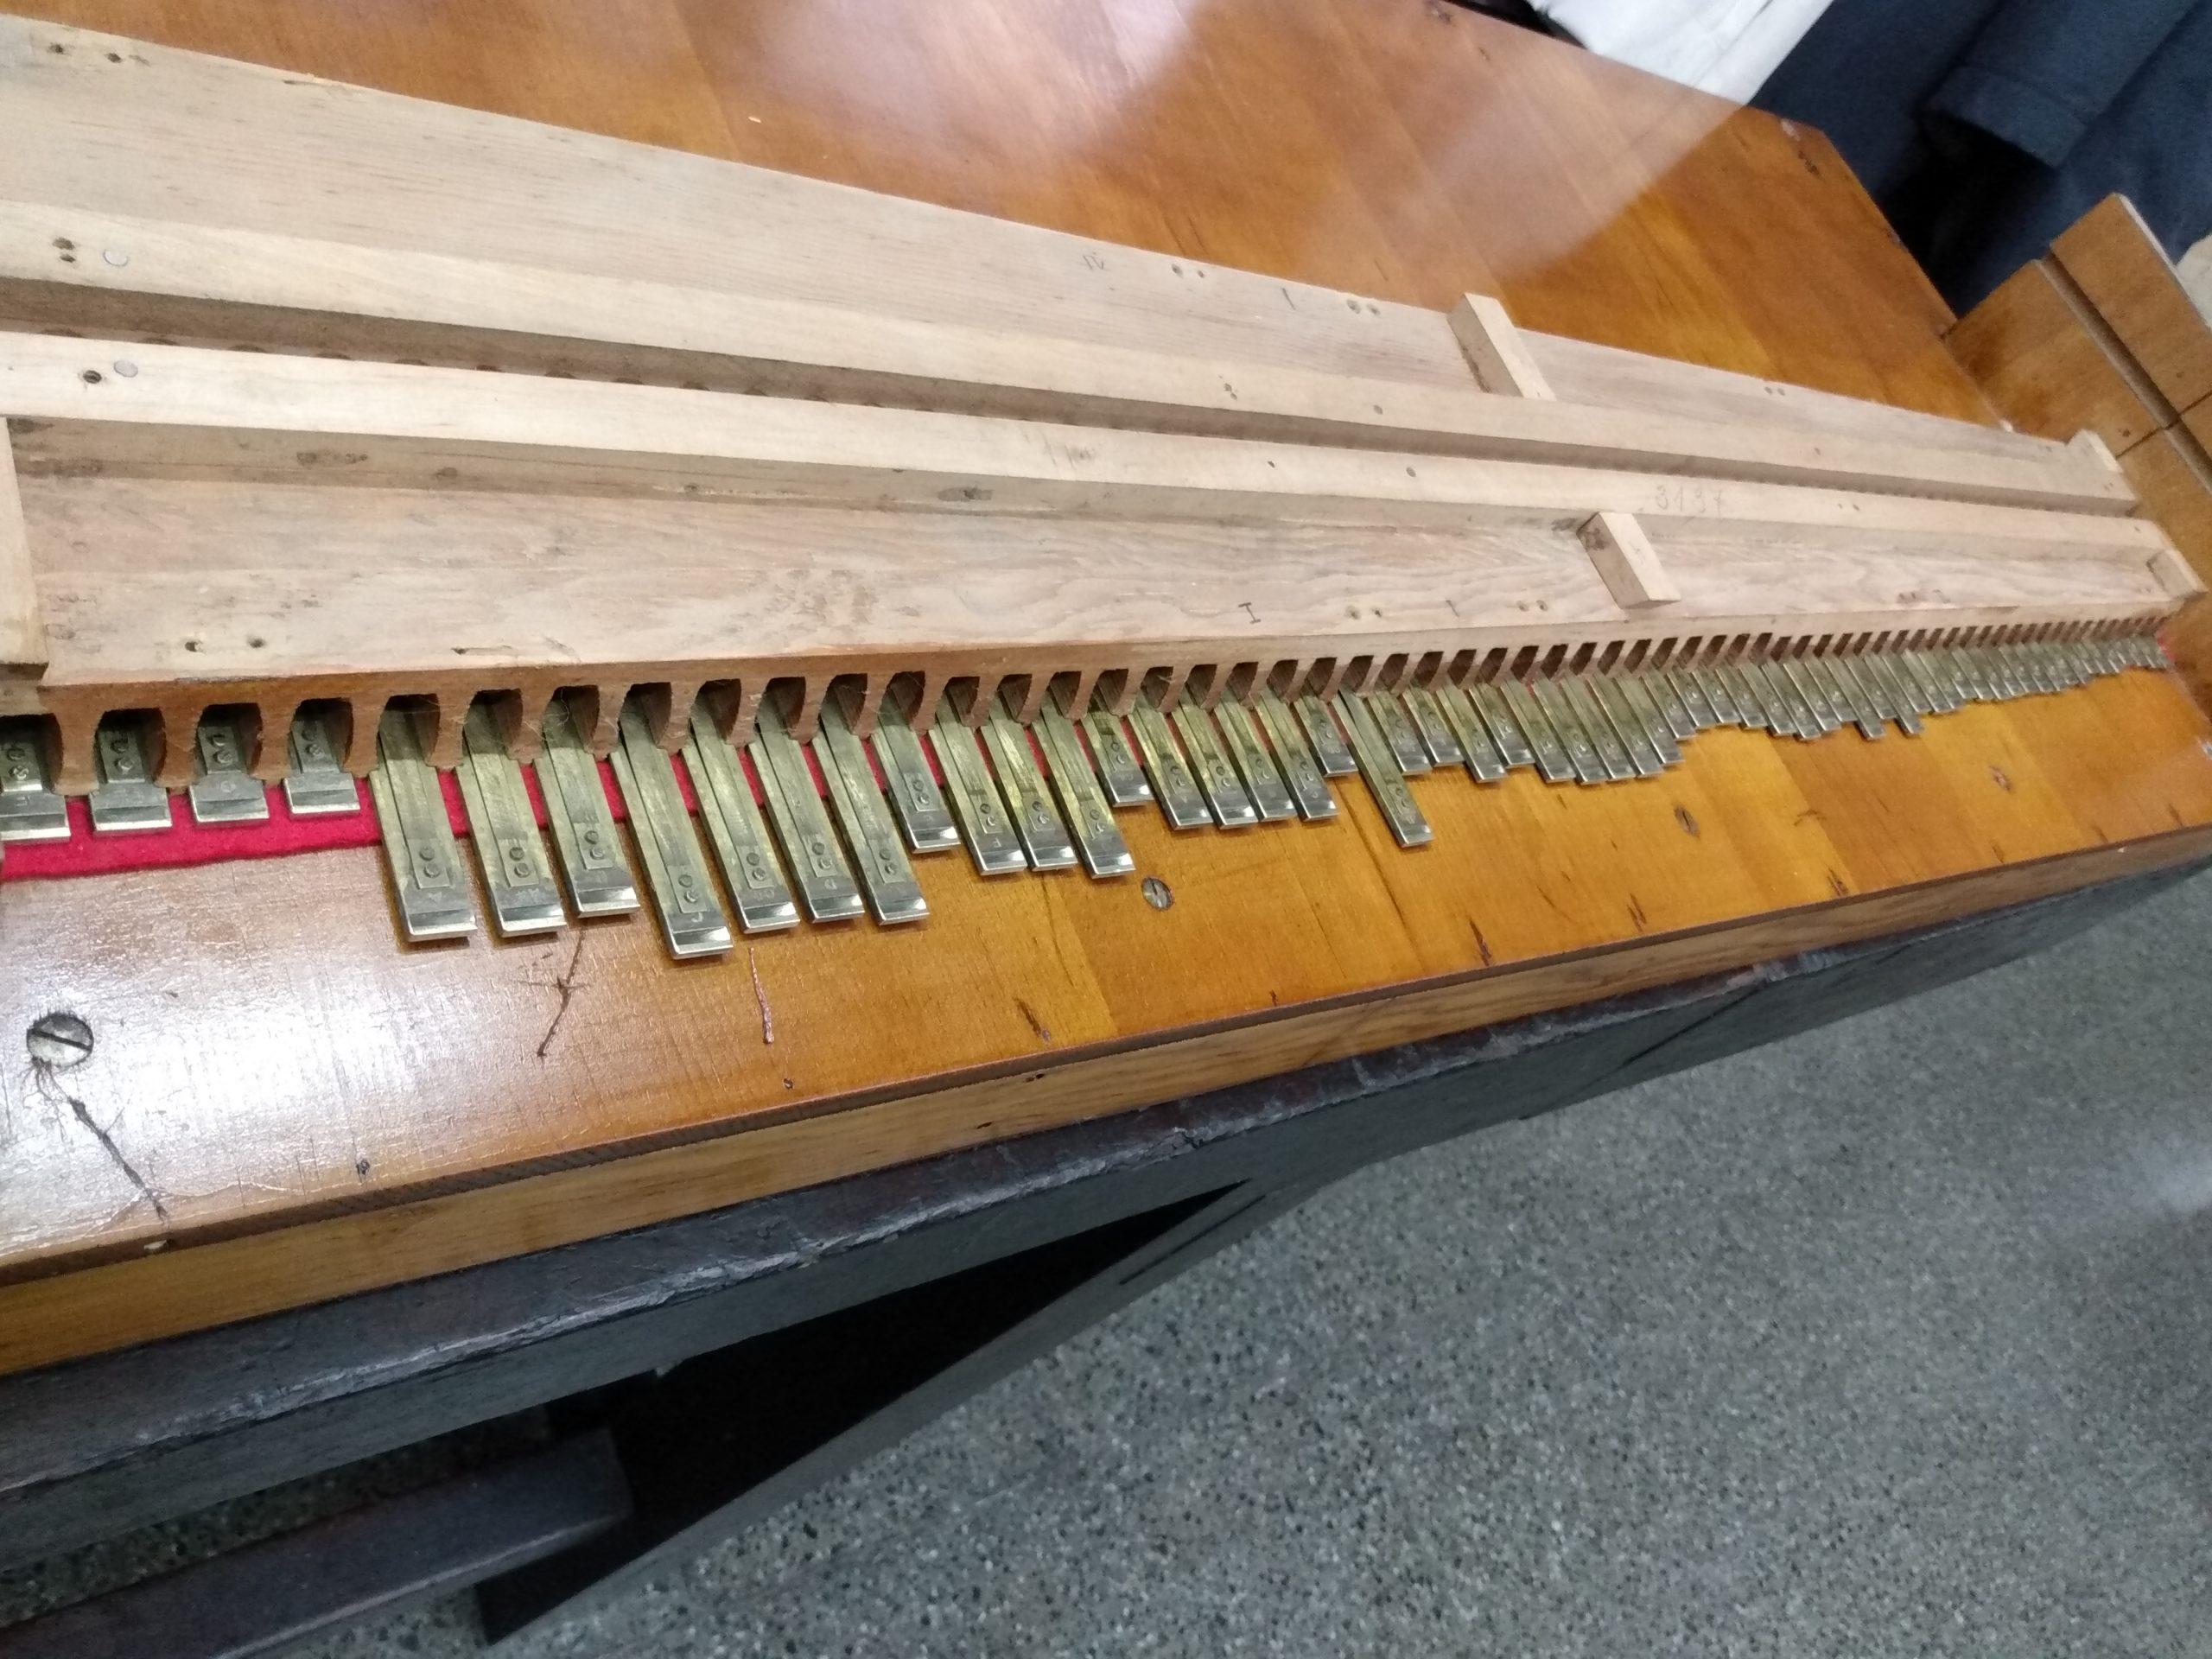 Limpieza y calibración de lengüetas alemanas